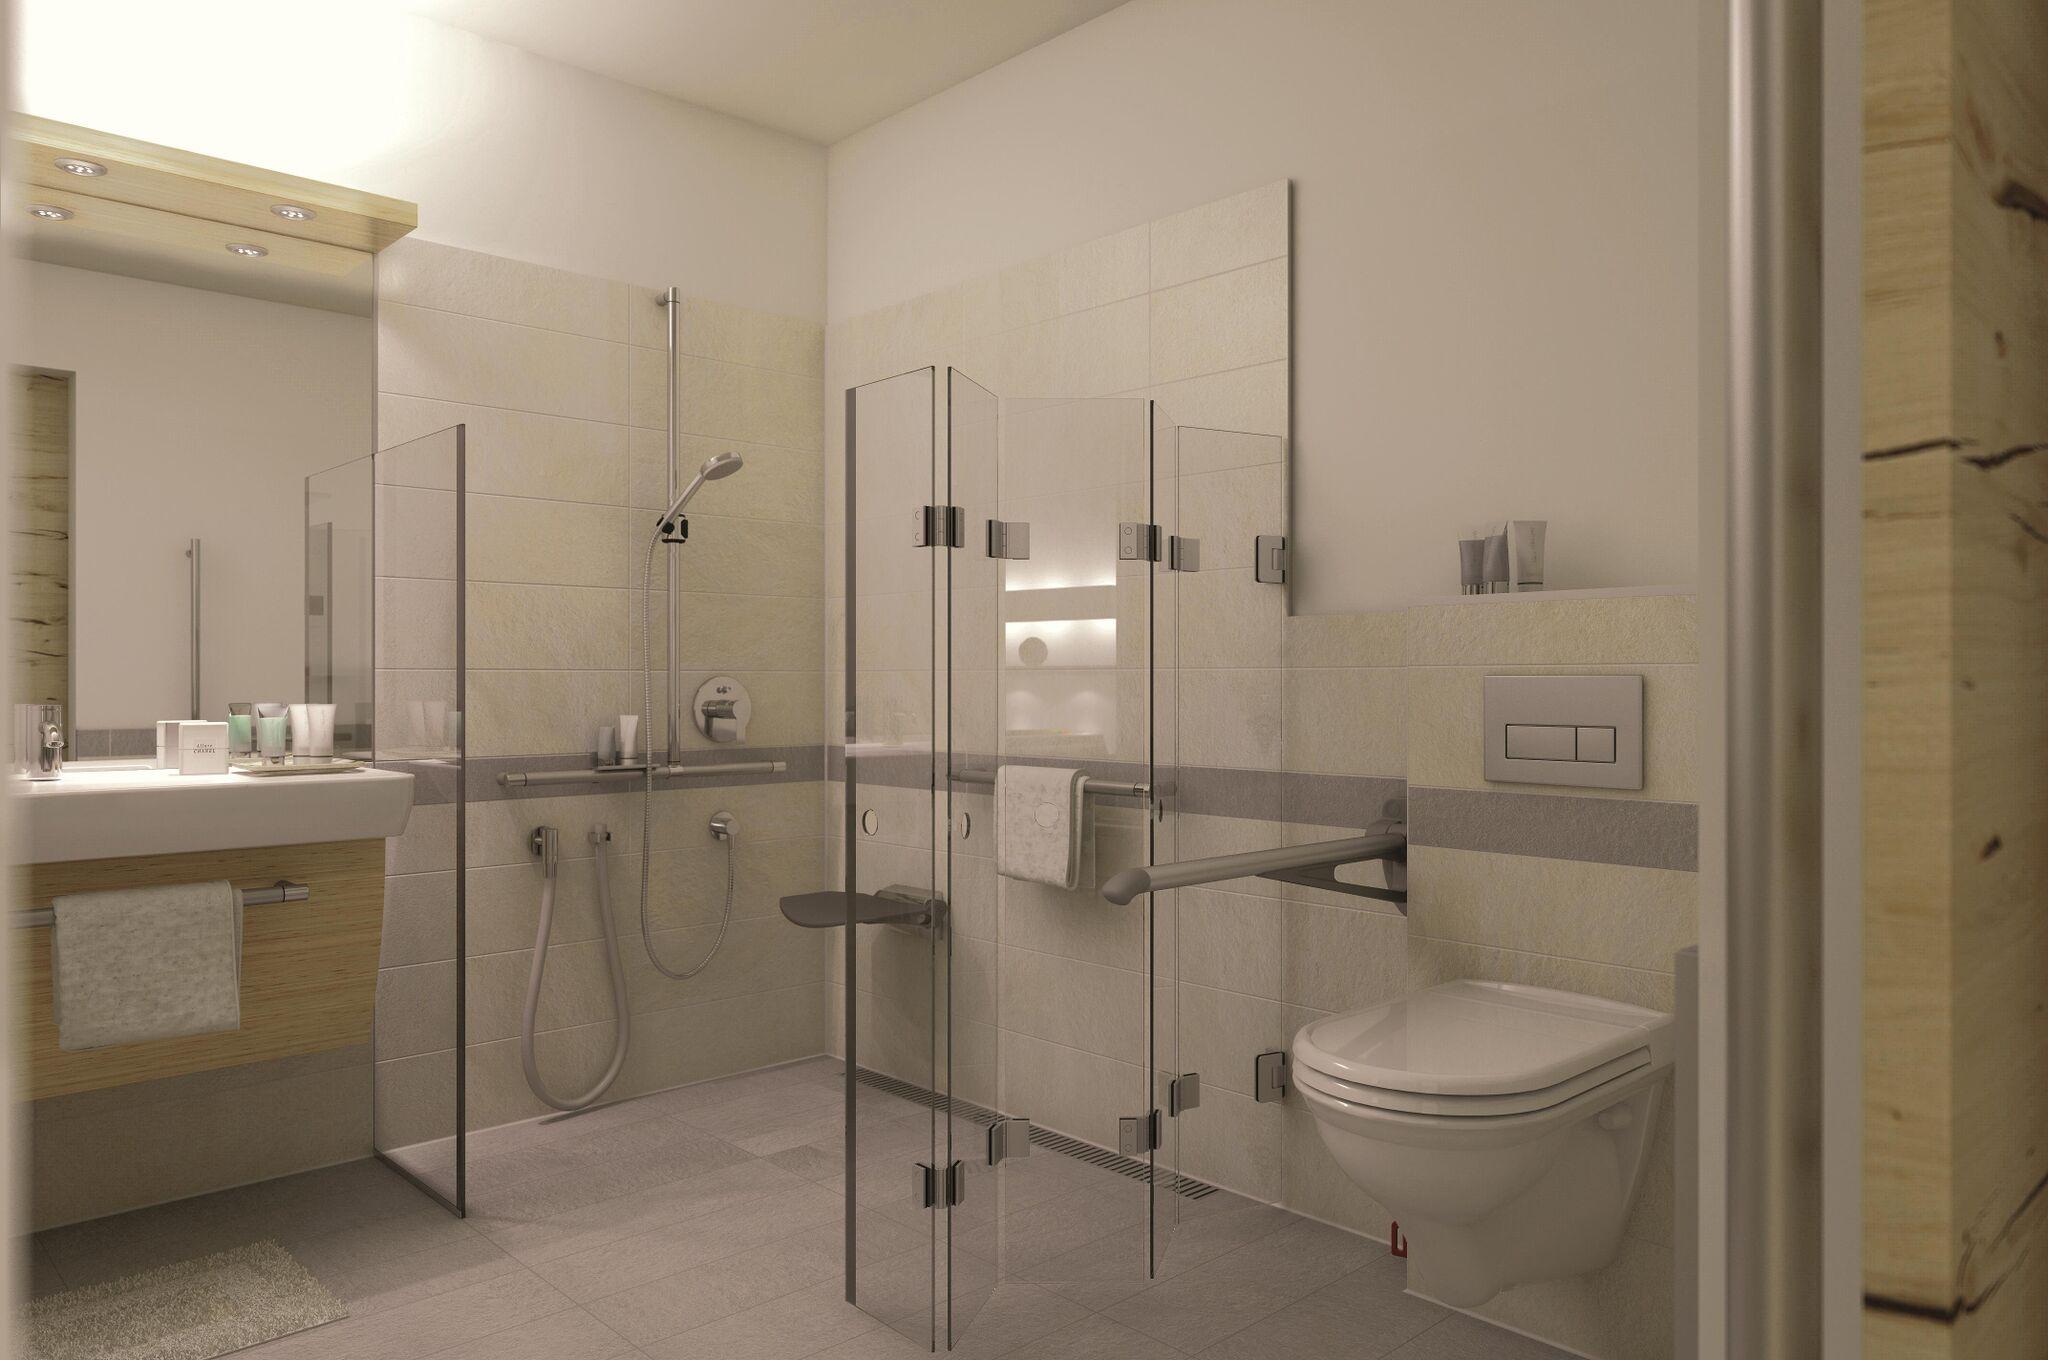 dabrowski duschbad. Black Bedroom Furniture Sets. Home Design Ideas